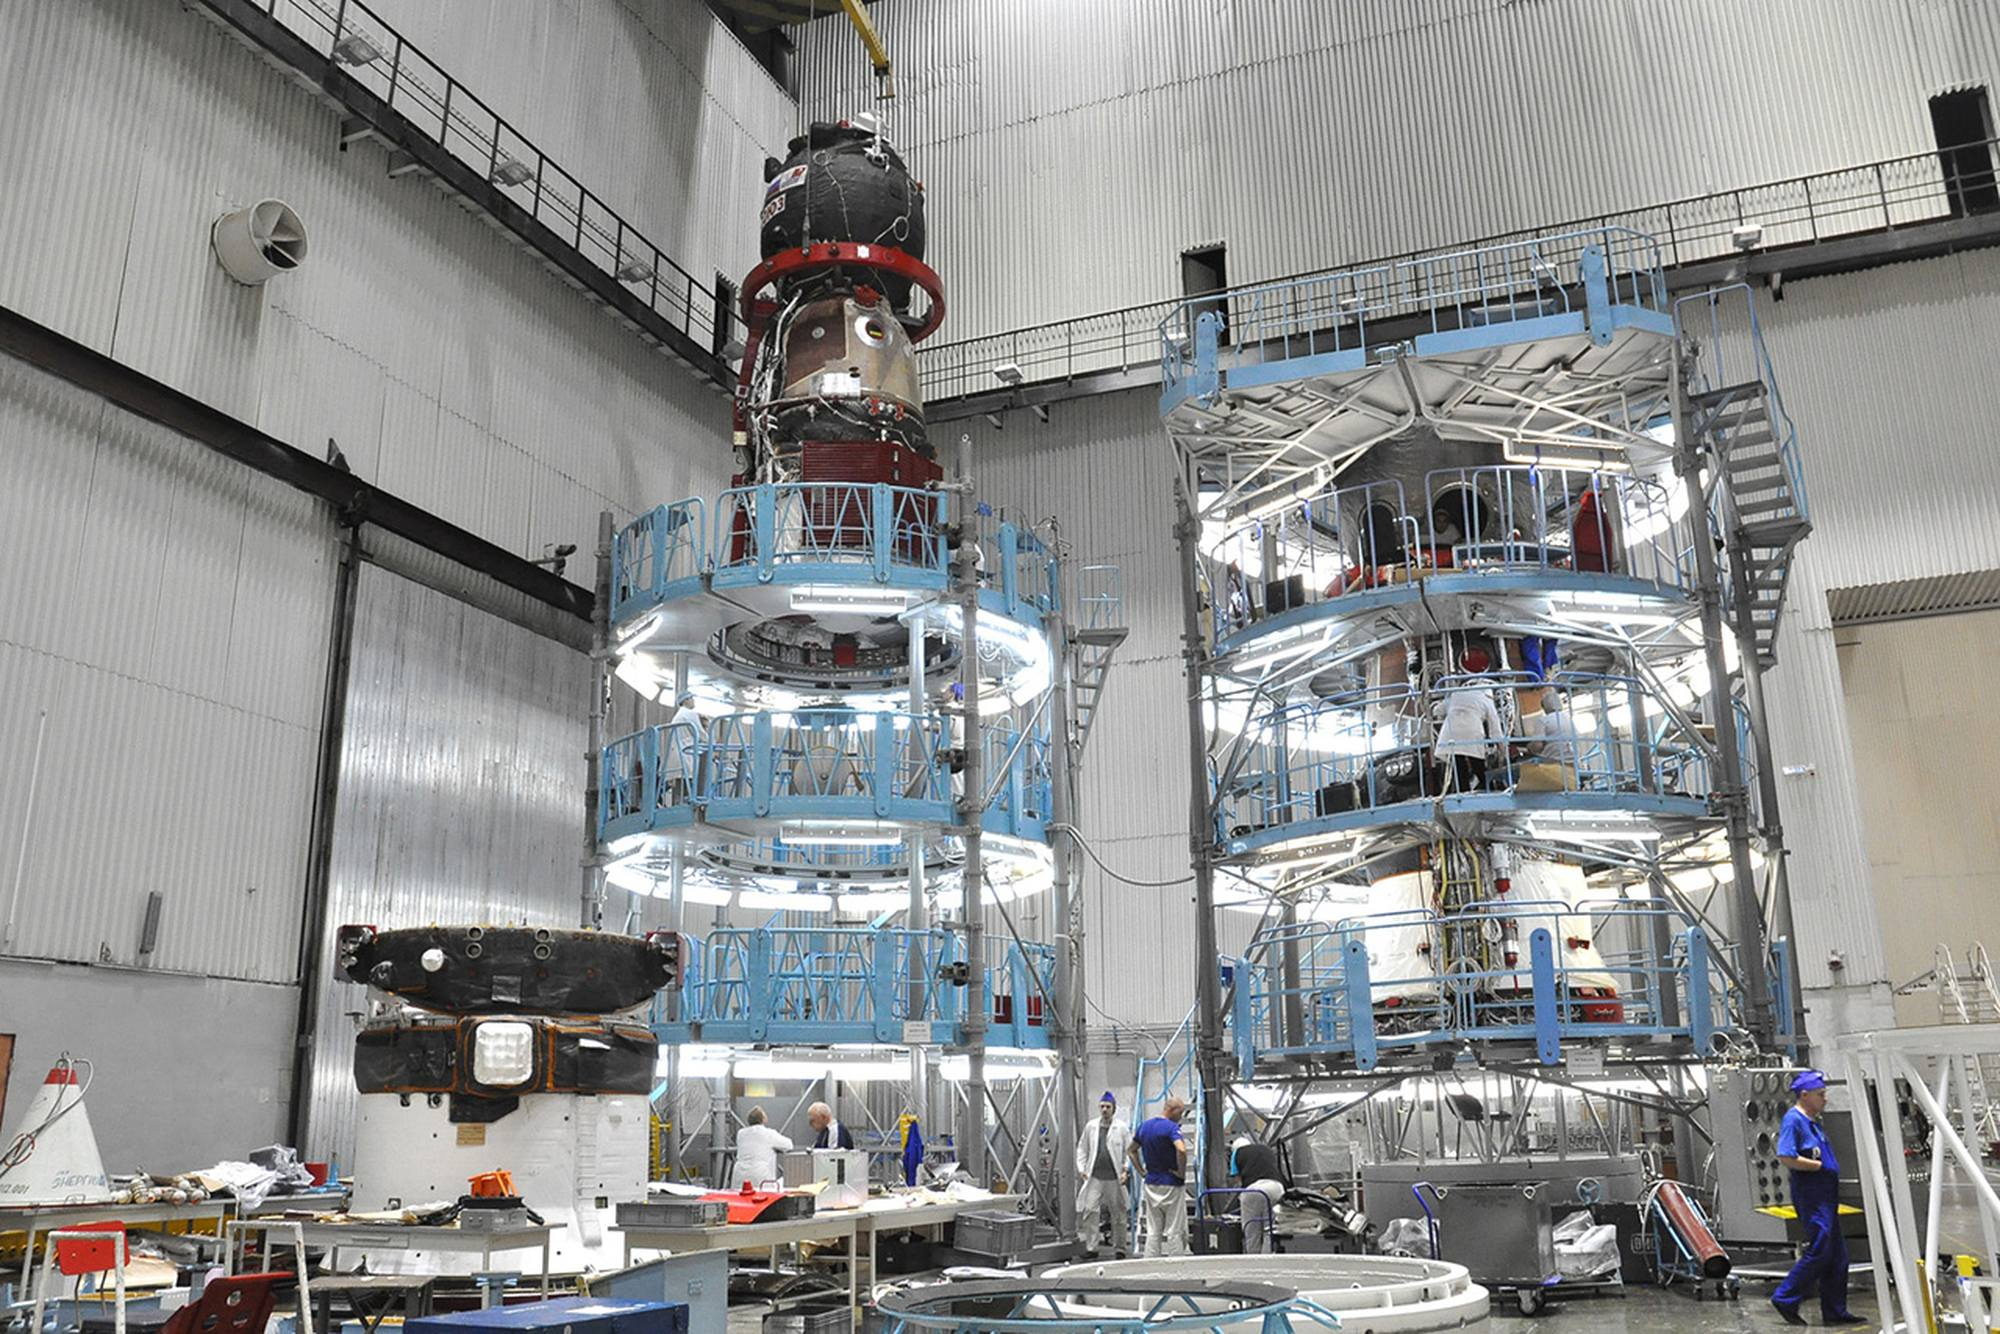 Très intéressante image où l'on découvre sur la gauche un compartiment de propulsion de soyouz esseulé.